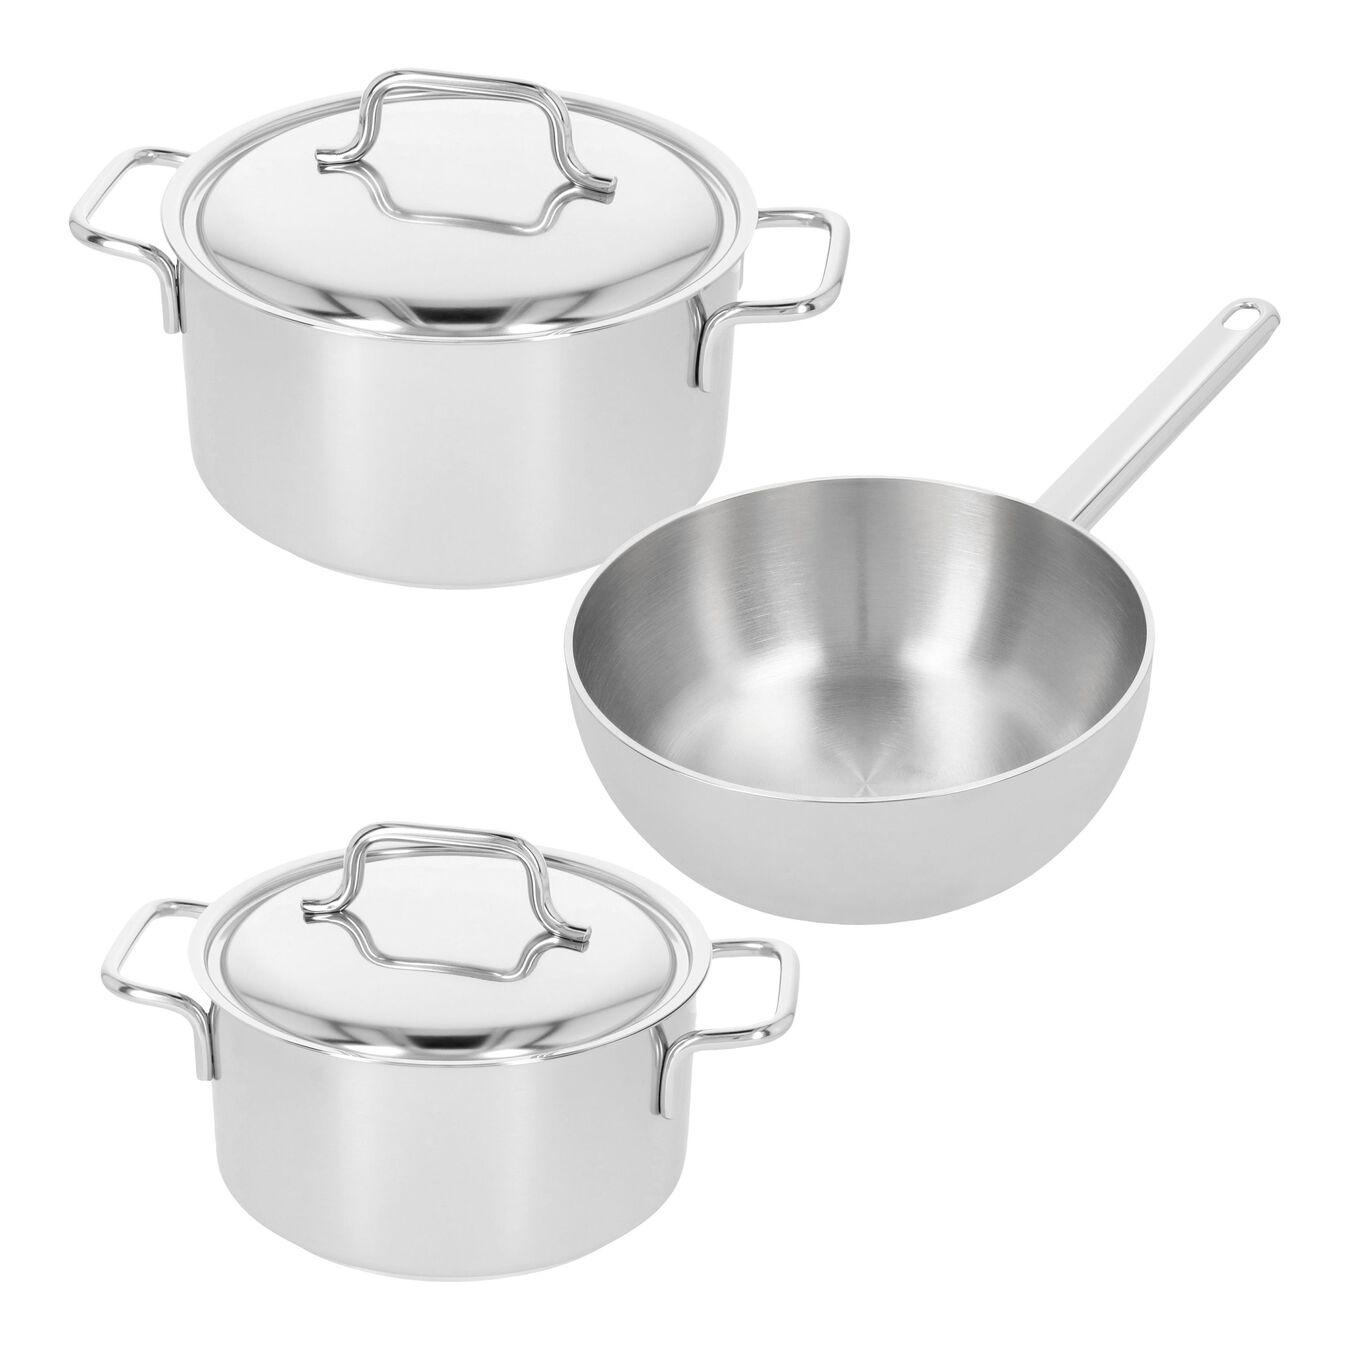 Set de casseroles, 3-pces,,large 1